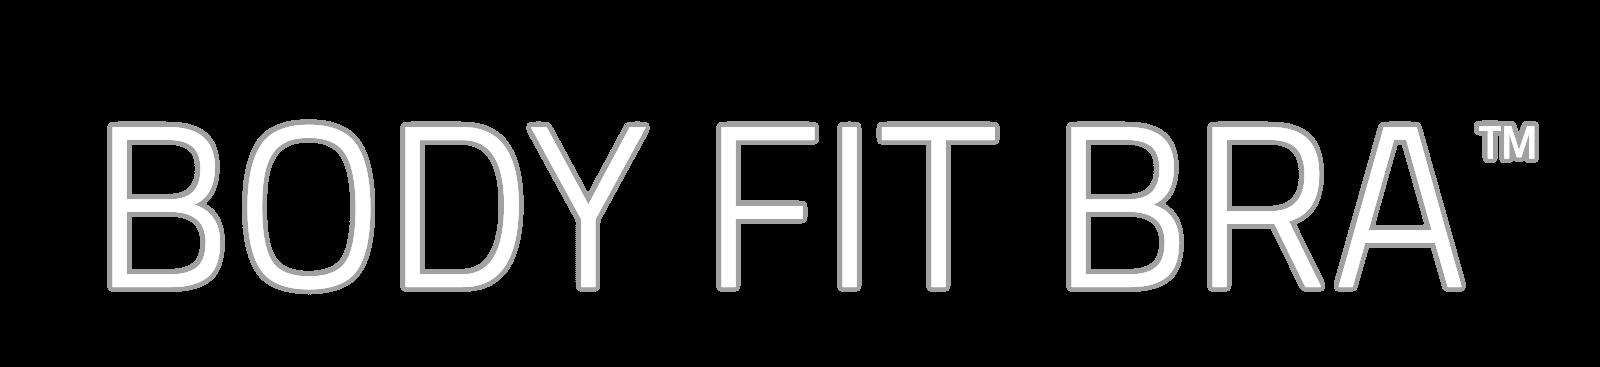 bodyfitbra-logo